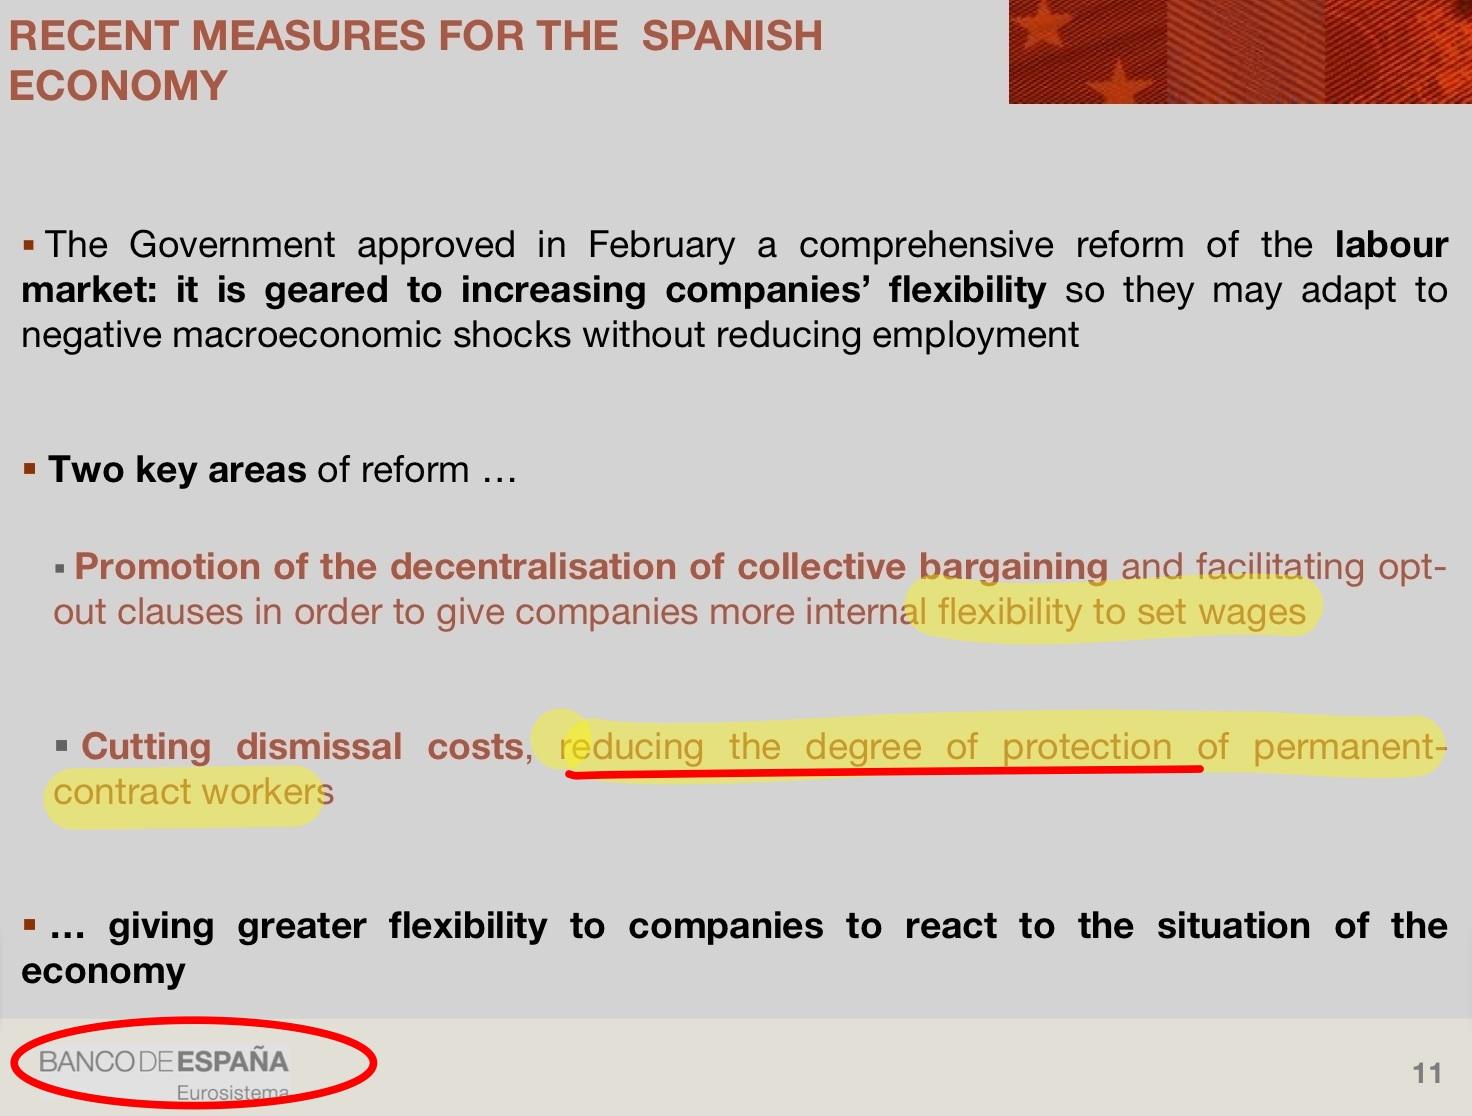 Paràgraf presentació banc espanya on explicita reducció drets laborals via reformes laborals com mèrit